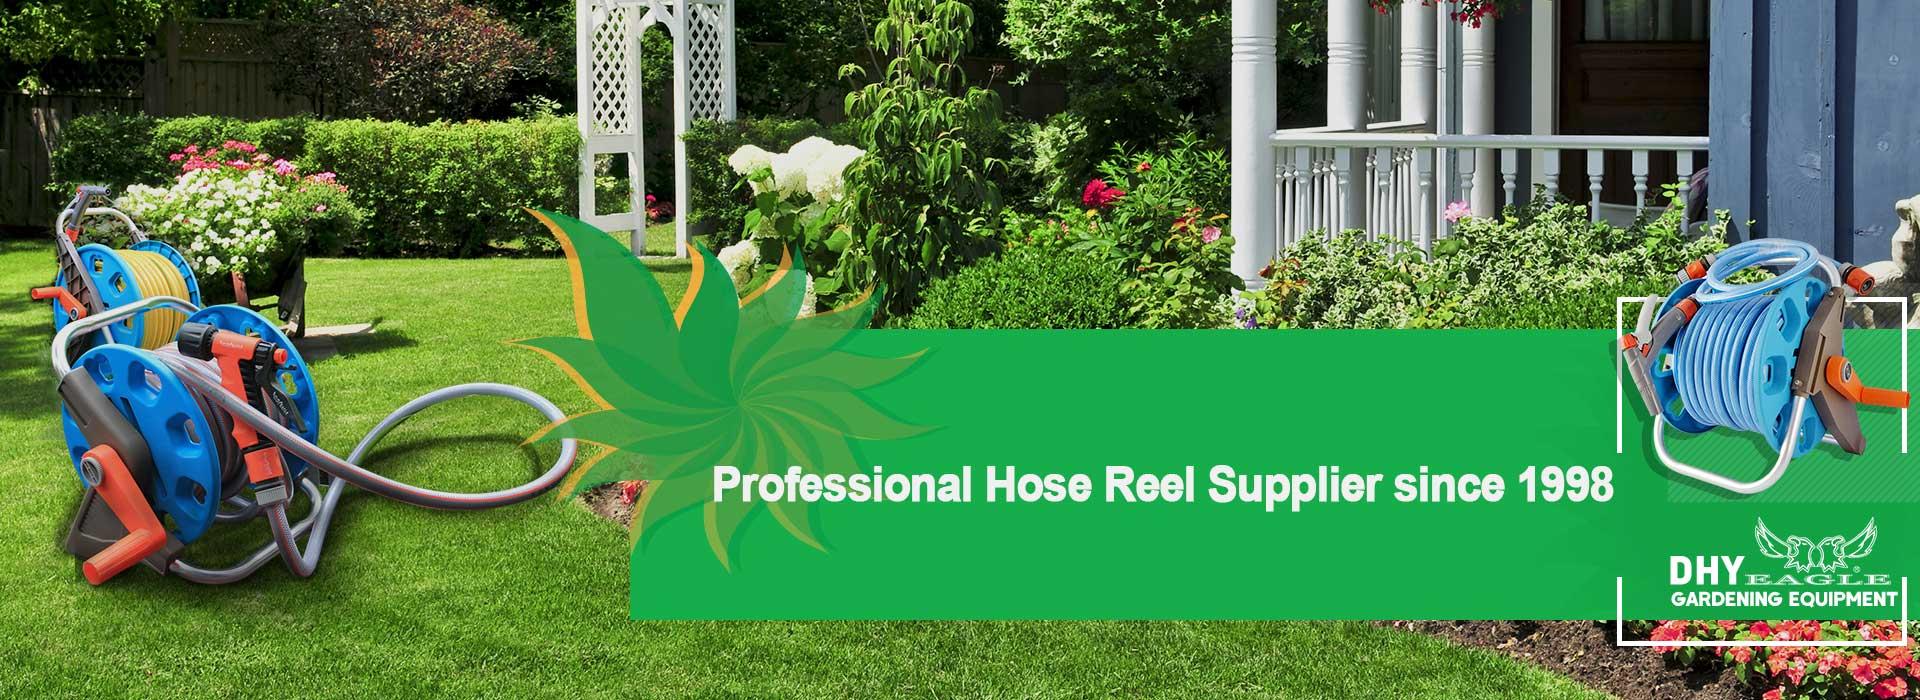 Hose Reel Cart Supplier, Hose Reel Manufacturer, Custom Hose Reel Cart